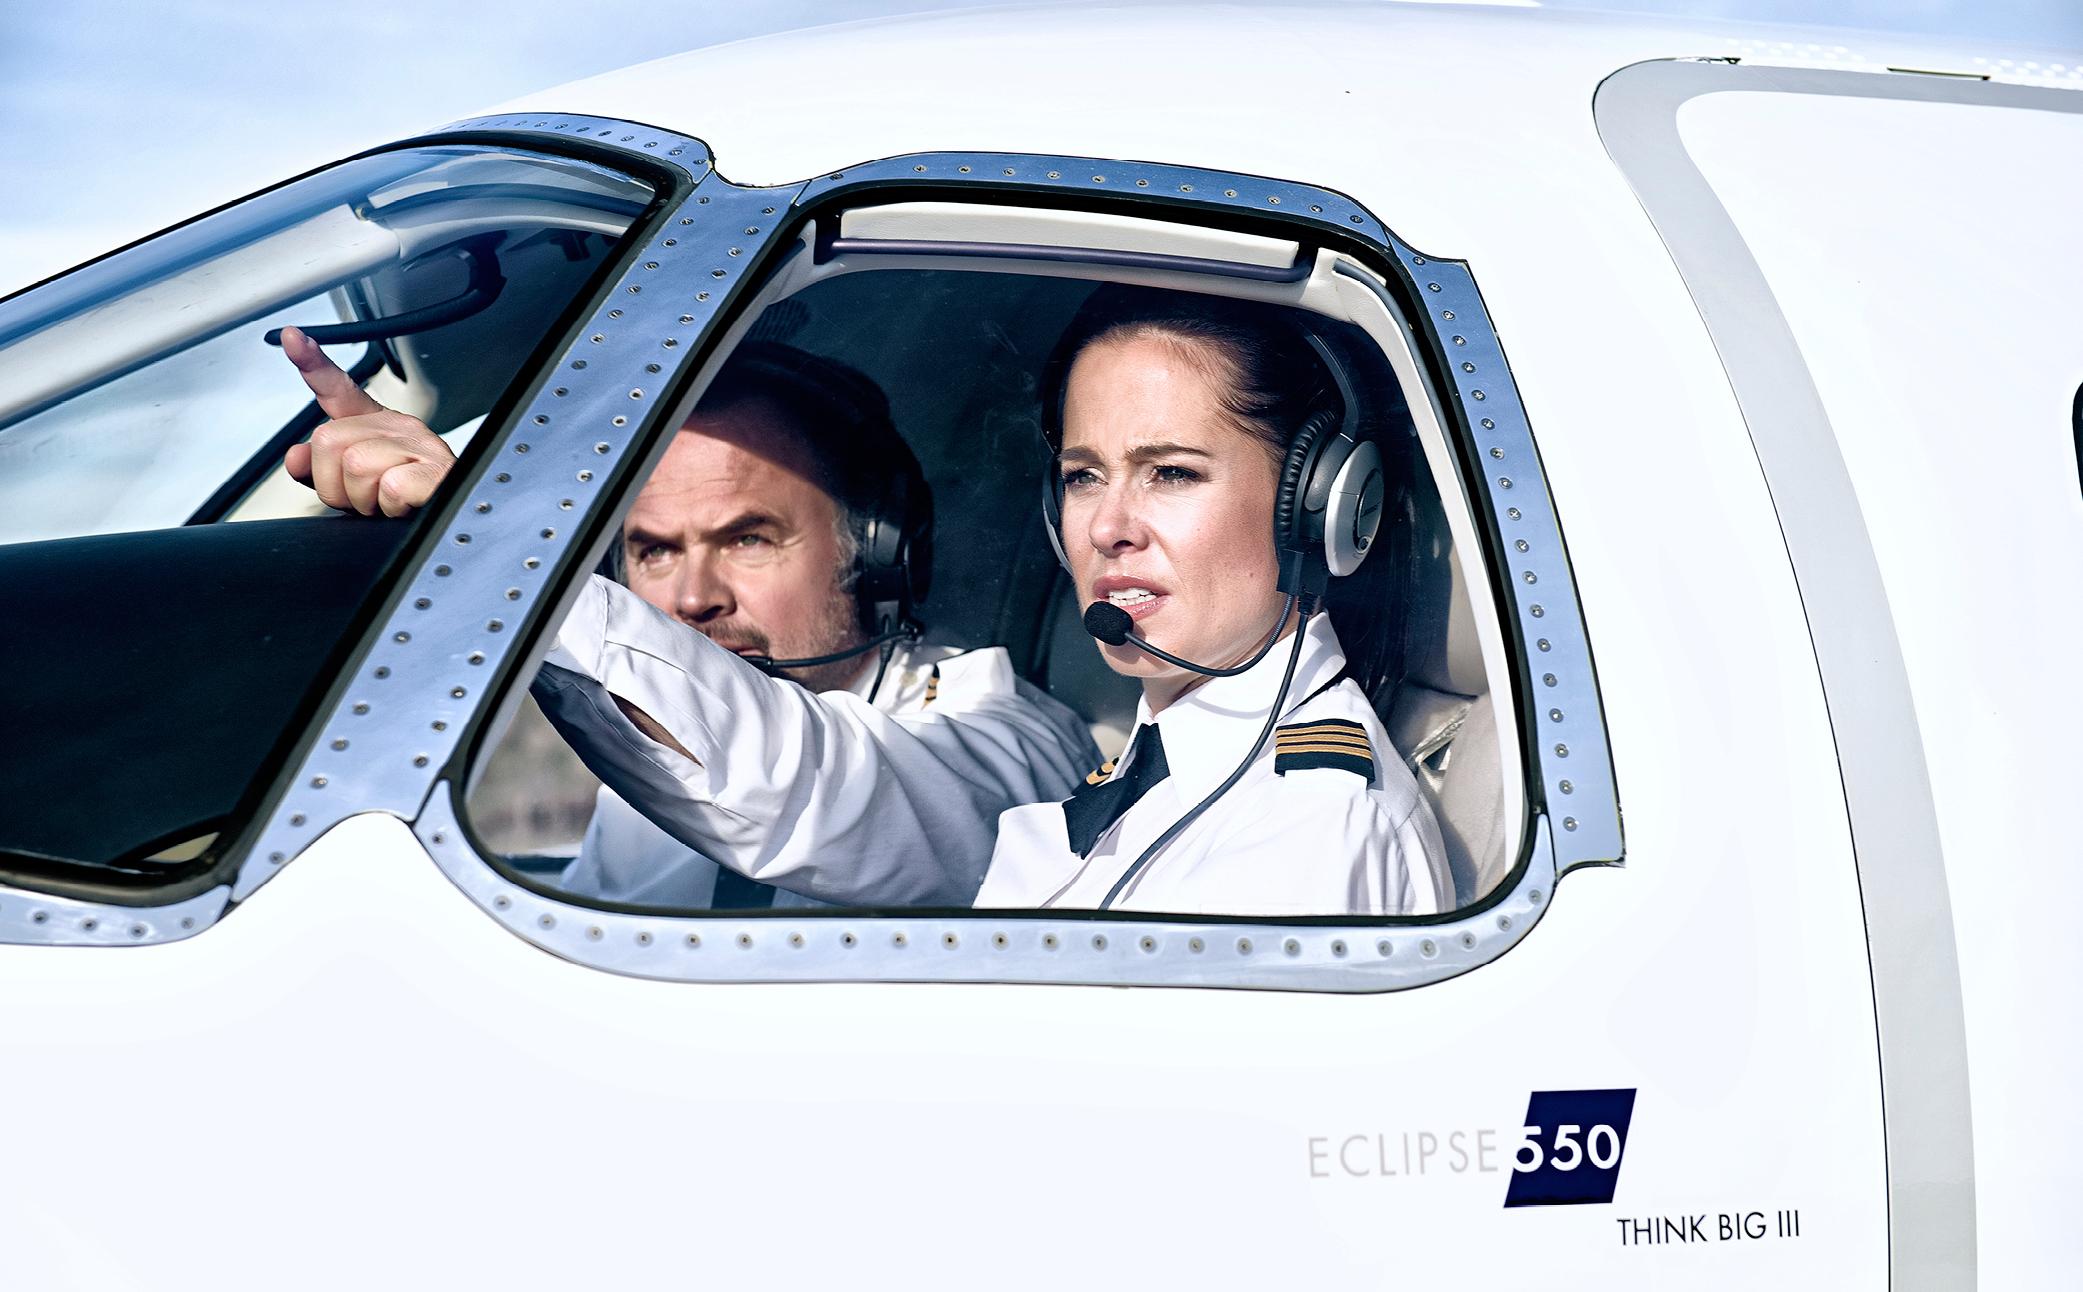 Hier sehen Sie die Piloten im Cockpit - Business Portraits - Business Branding Fotograf Berlin